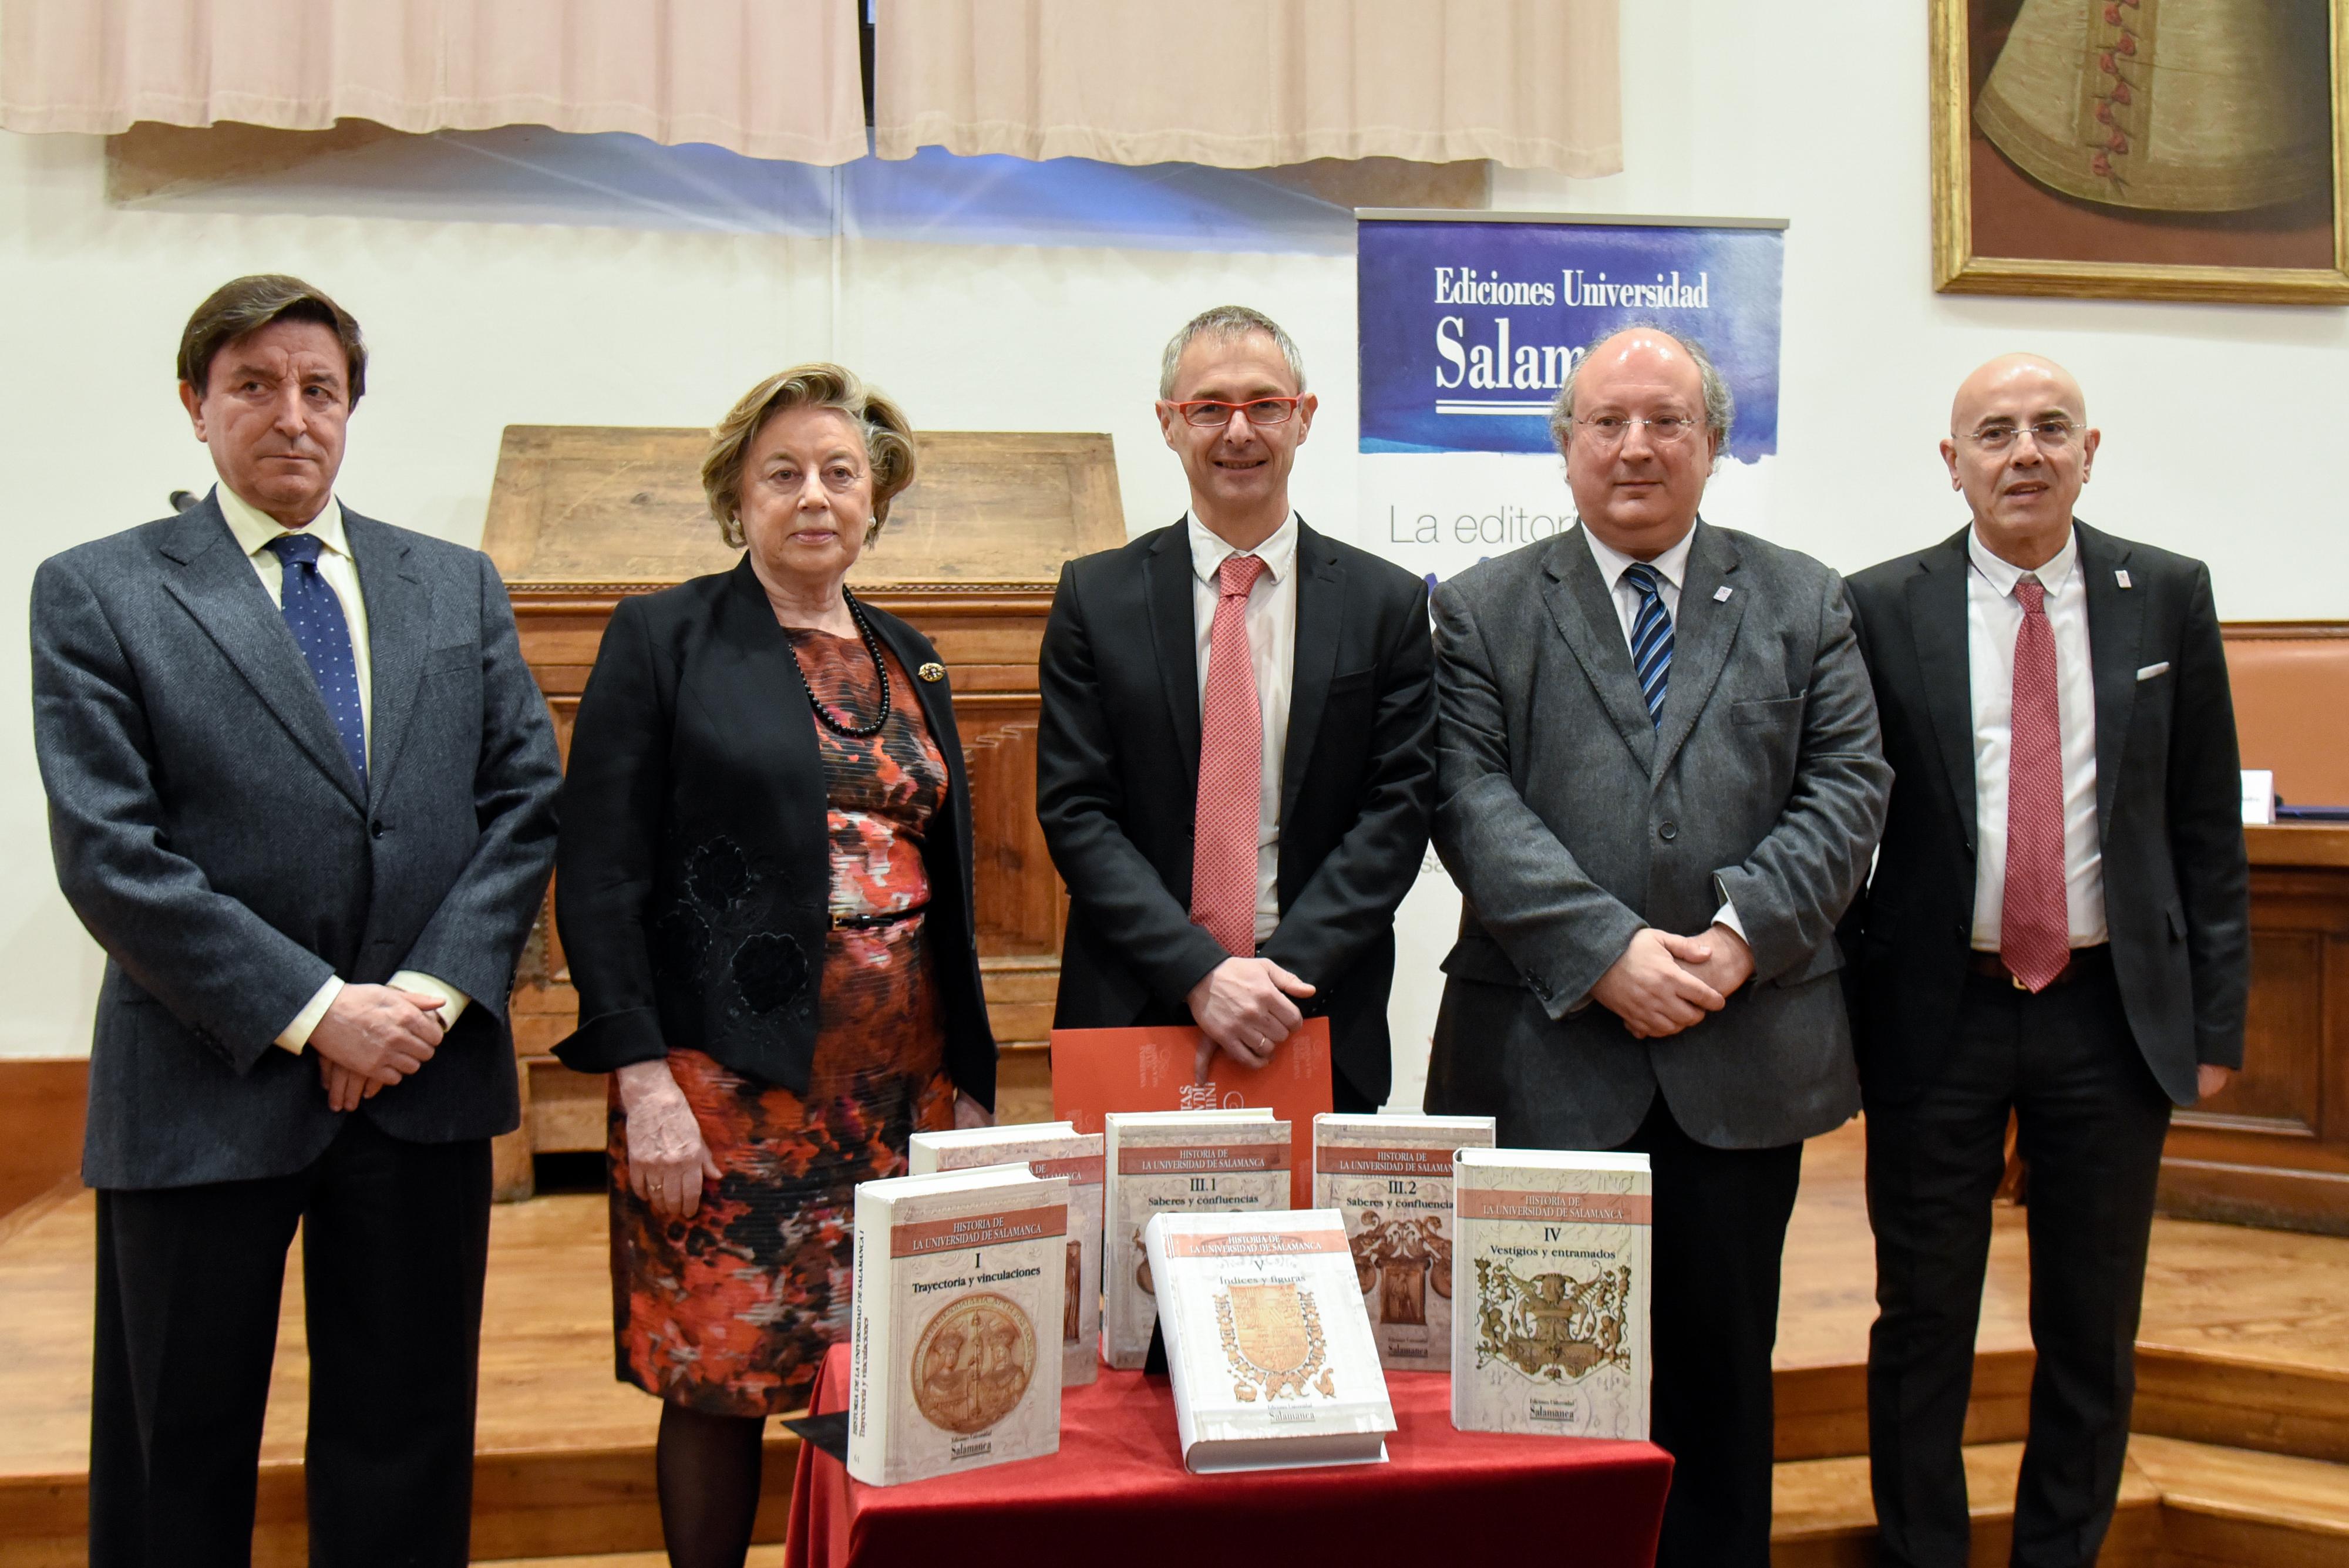 La entrega final de la 'Historia de la Universidad de Salamanca' reedita la revisión biográfica del rector Enrique Esperabé de los personajes ilustres del Estudio